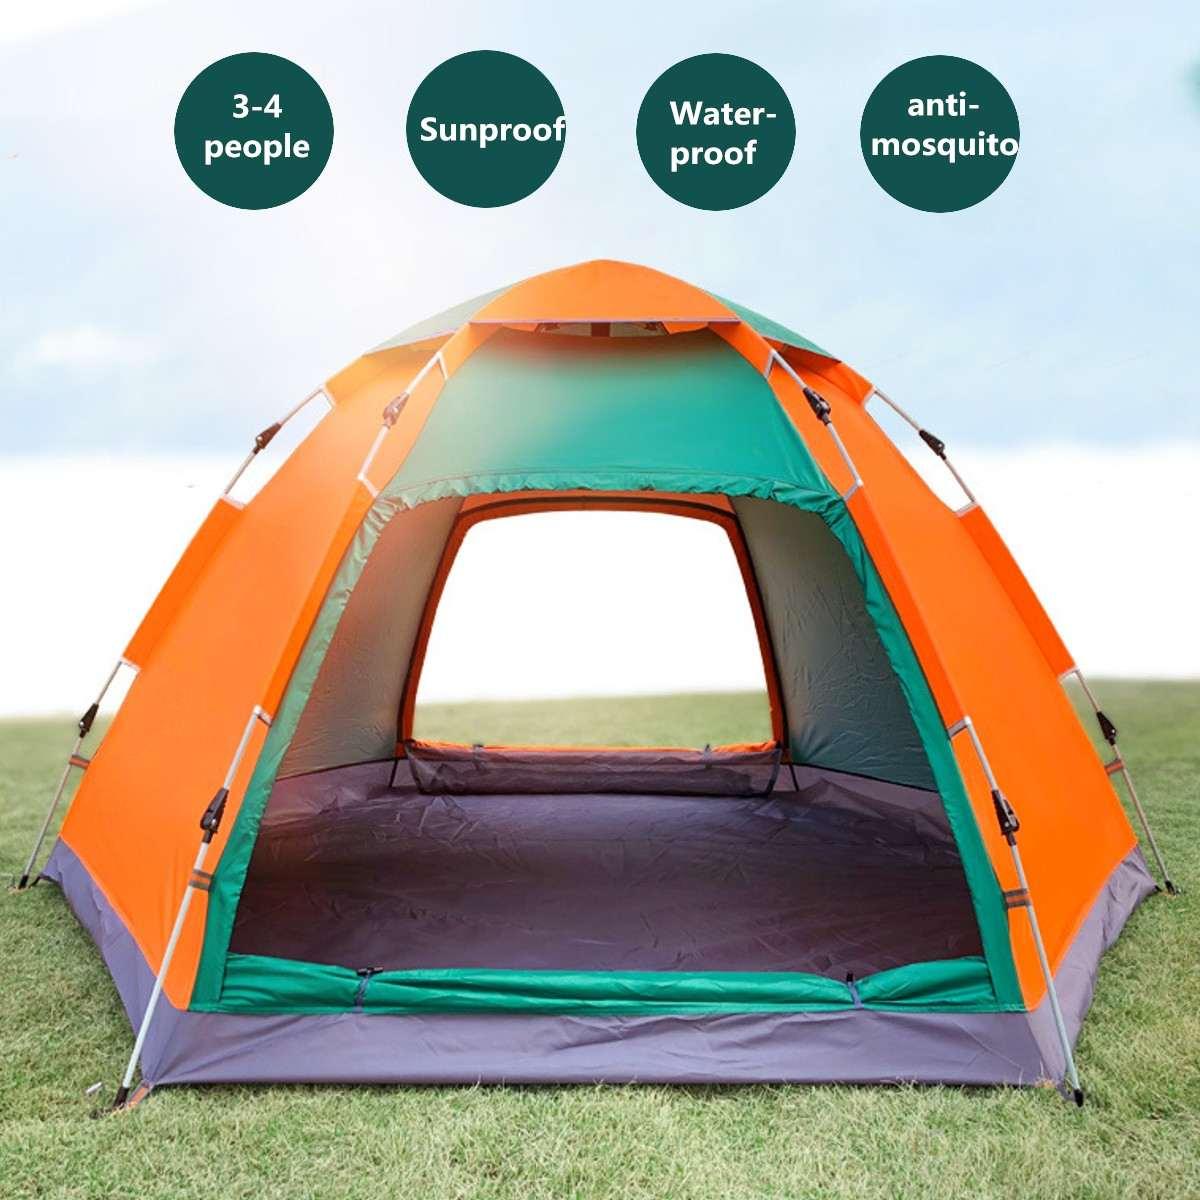 3-4 personnes en plein air Camping tente automatique instantanée Pop Up étanche famille grand parasol auvent dôme tente Camping accessoires